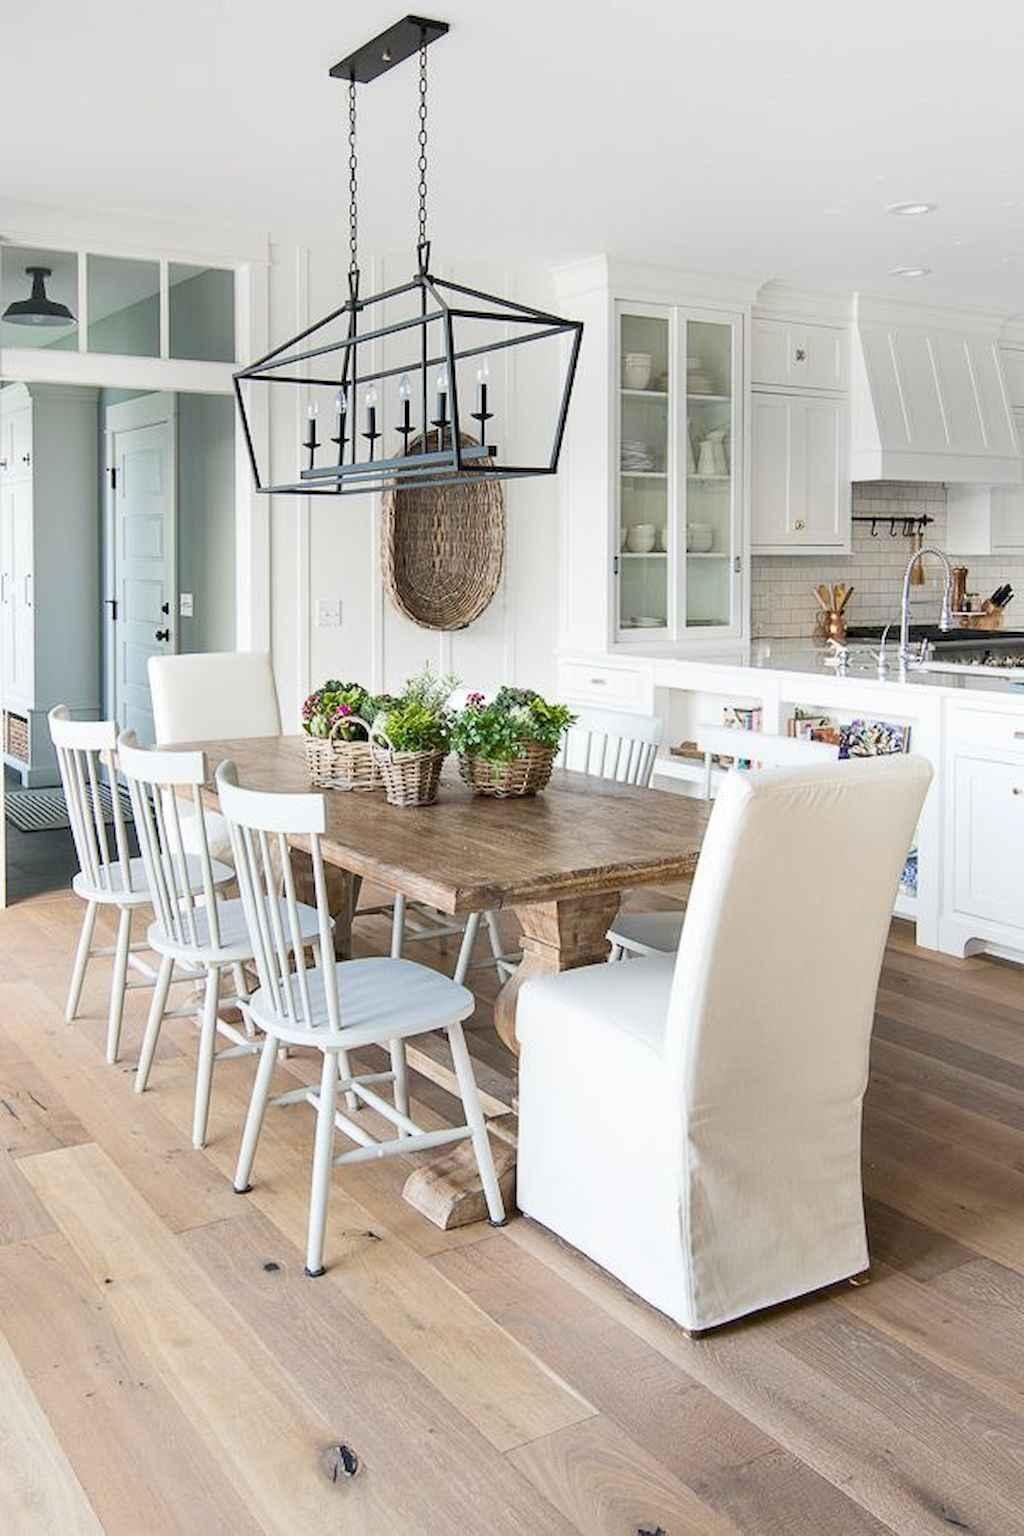 20 Cozy Modern Farmhouse Living Room Decor Ideas - View Living Room Small Farmhouse Interior Design Background